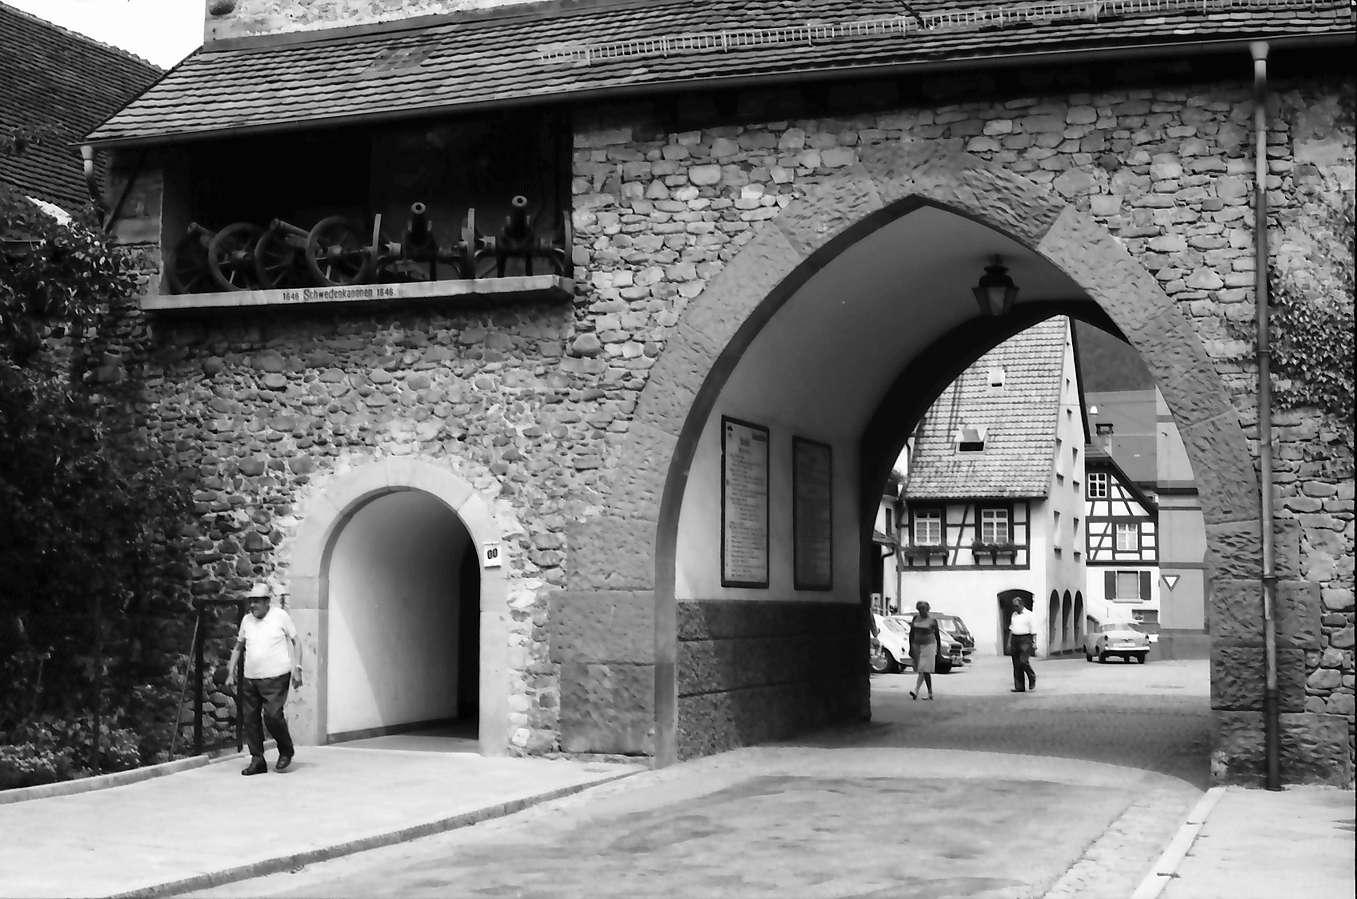 Zell am Harmersbach: Schwedenkanonen im Wehrturm, mit Torbogen, Bild 1